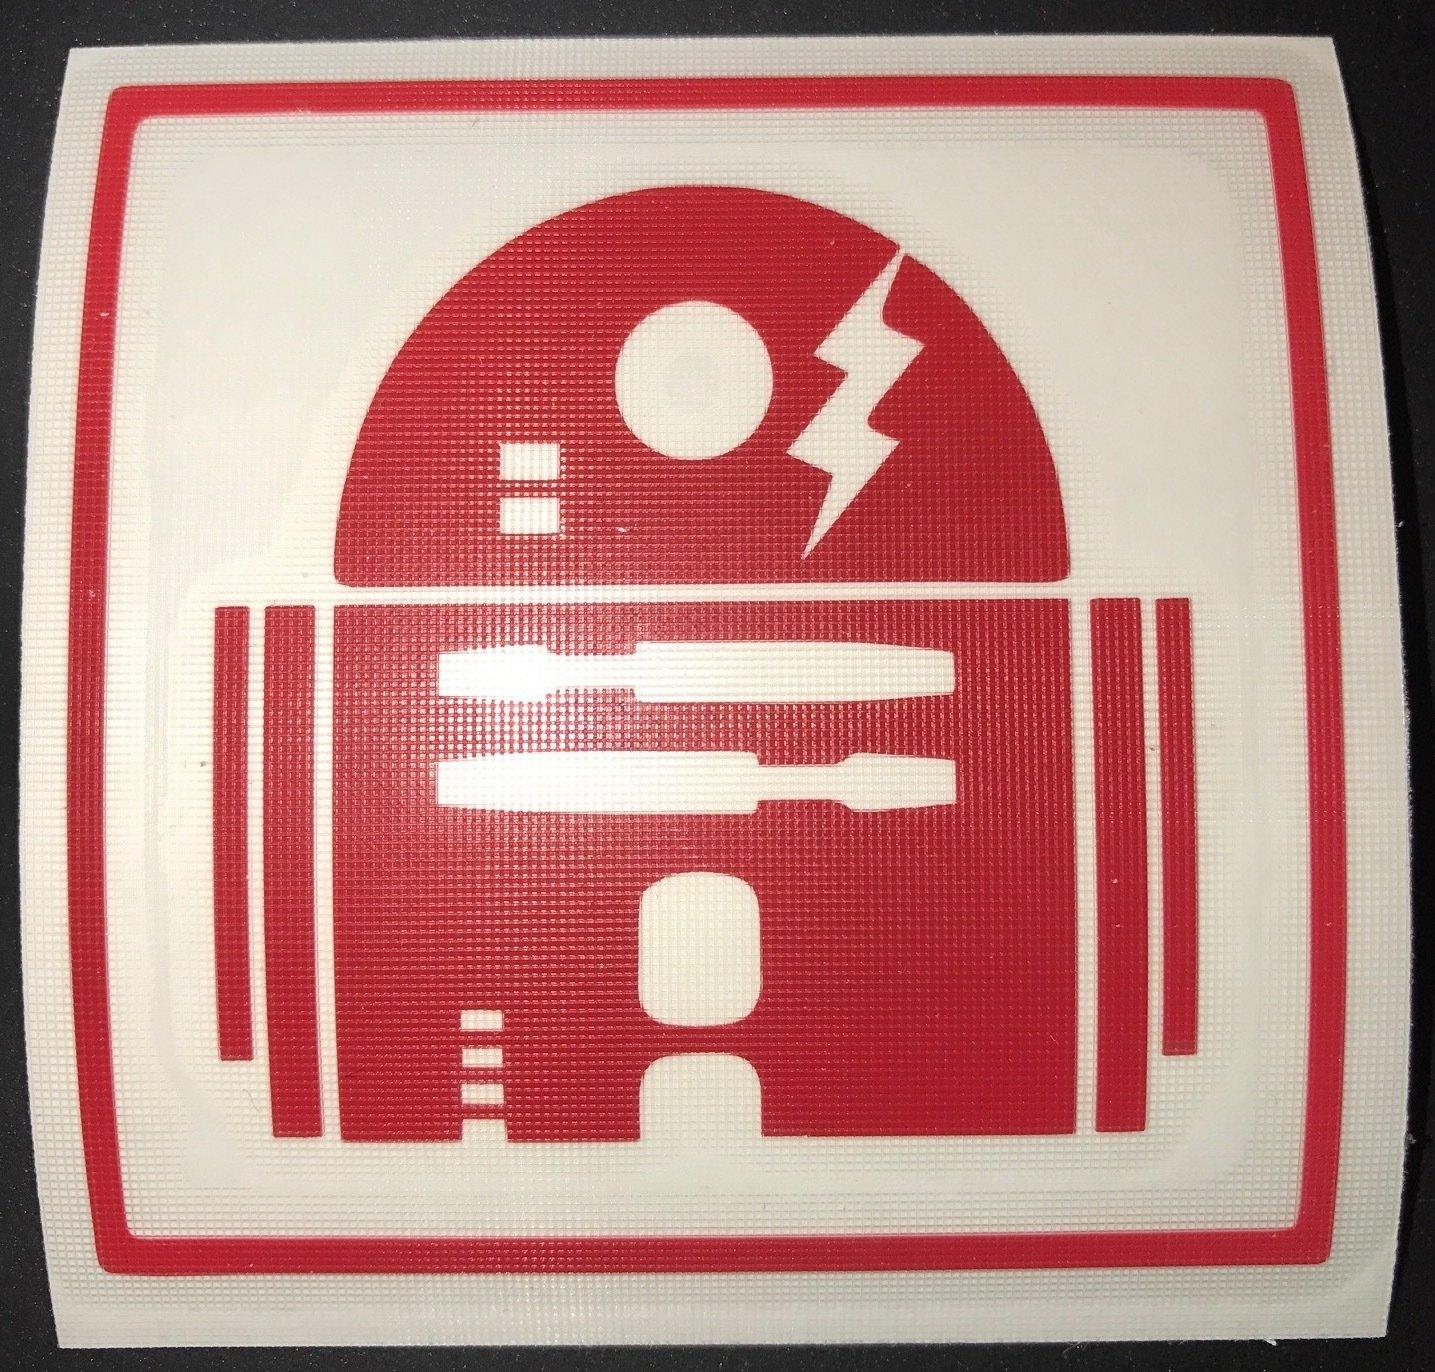 ZAP! CAUTION Sticker (Various Colors)